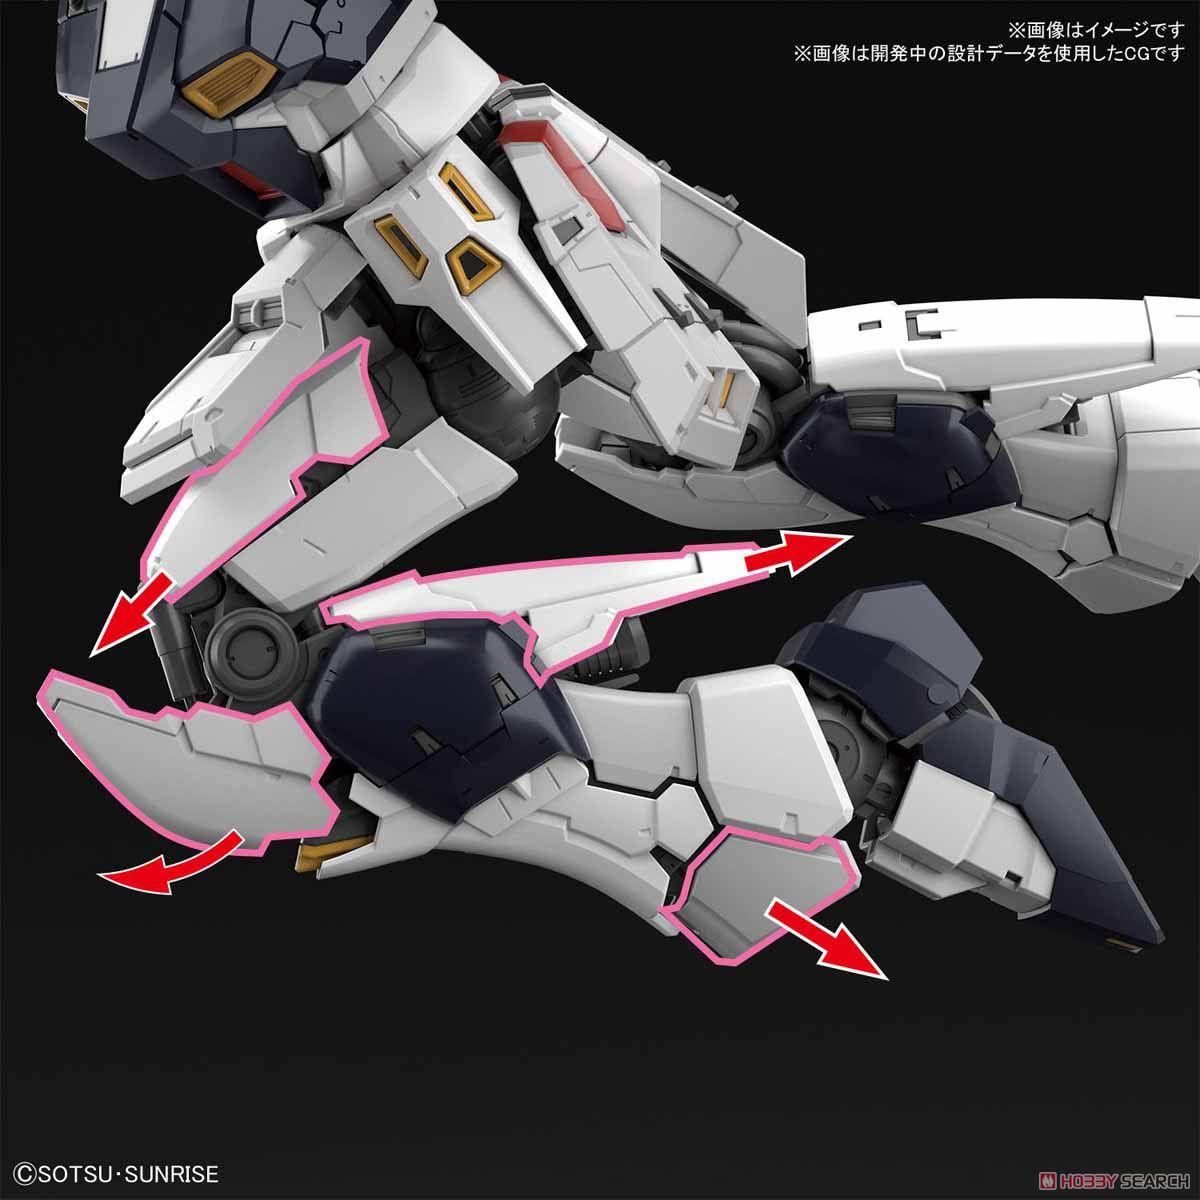 【再販】RG 1/144『νガンダム』逆襲のシャア プラモデル-008